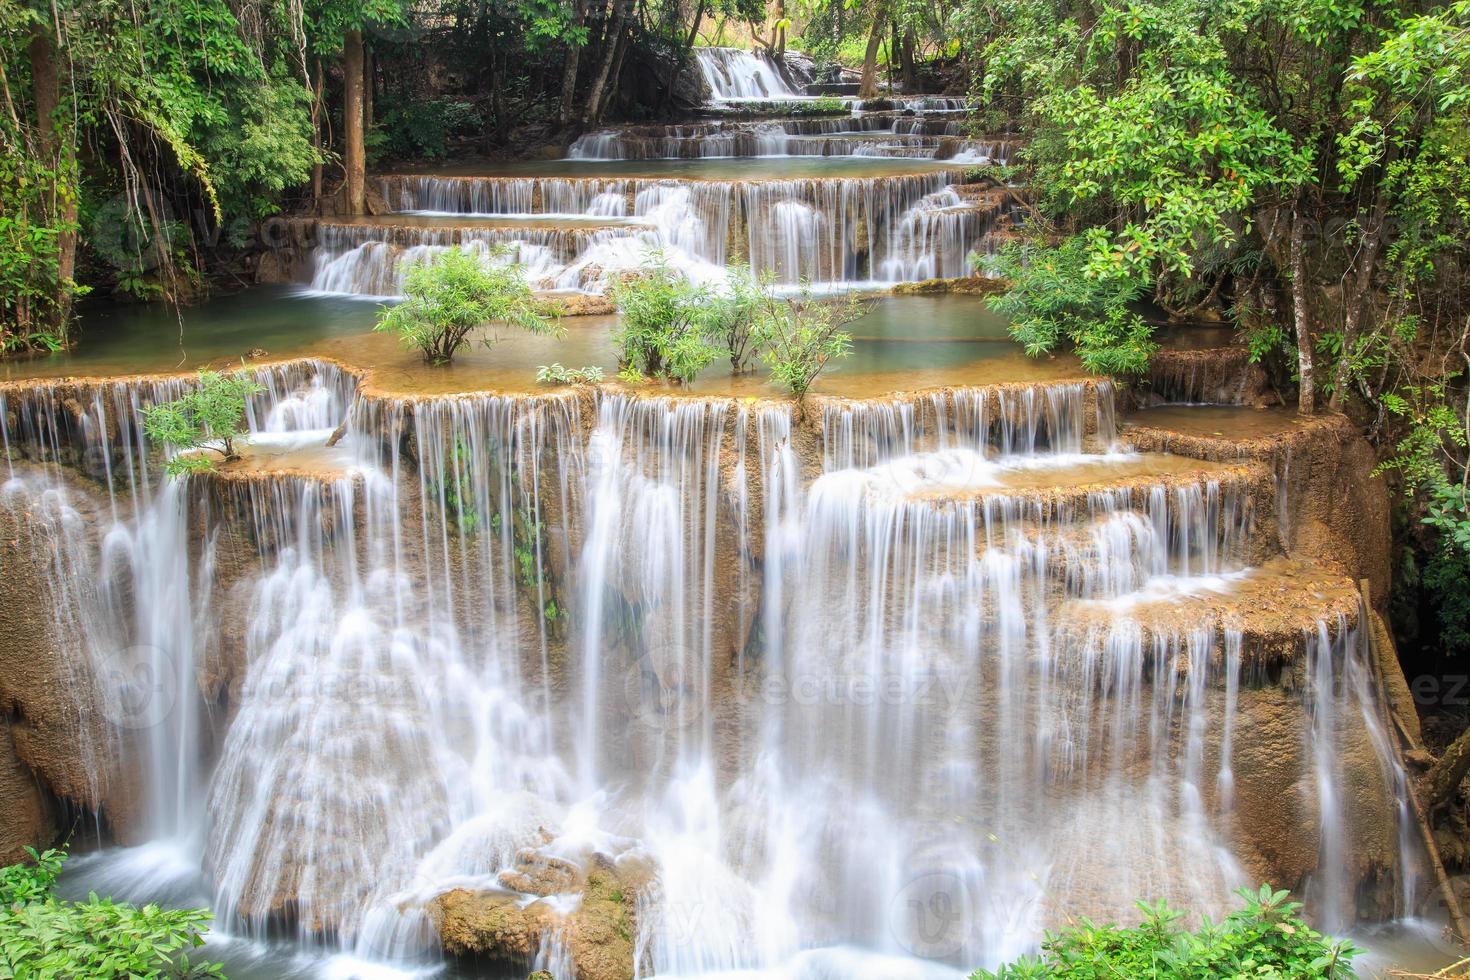 huai mae khamin waterval in diep bos foto